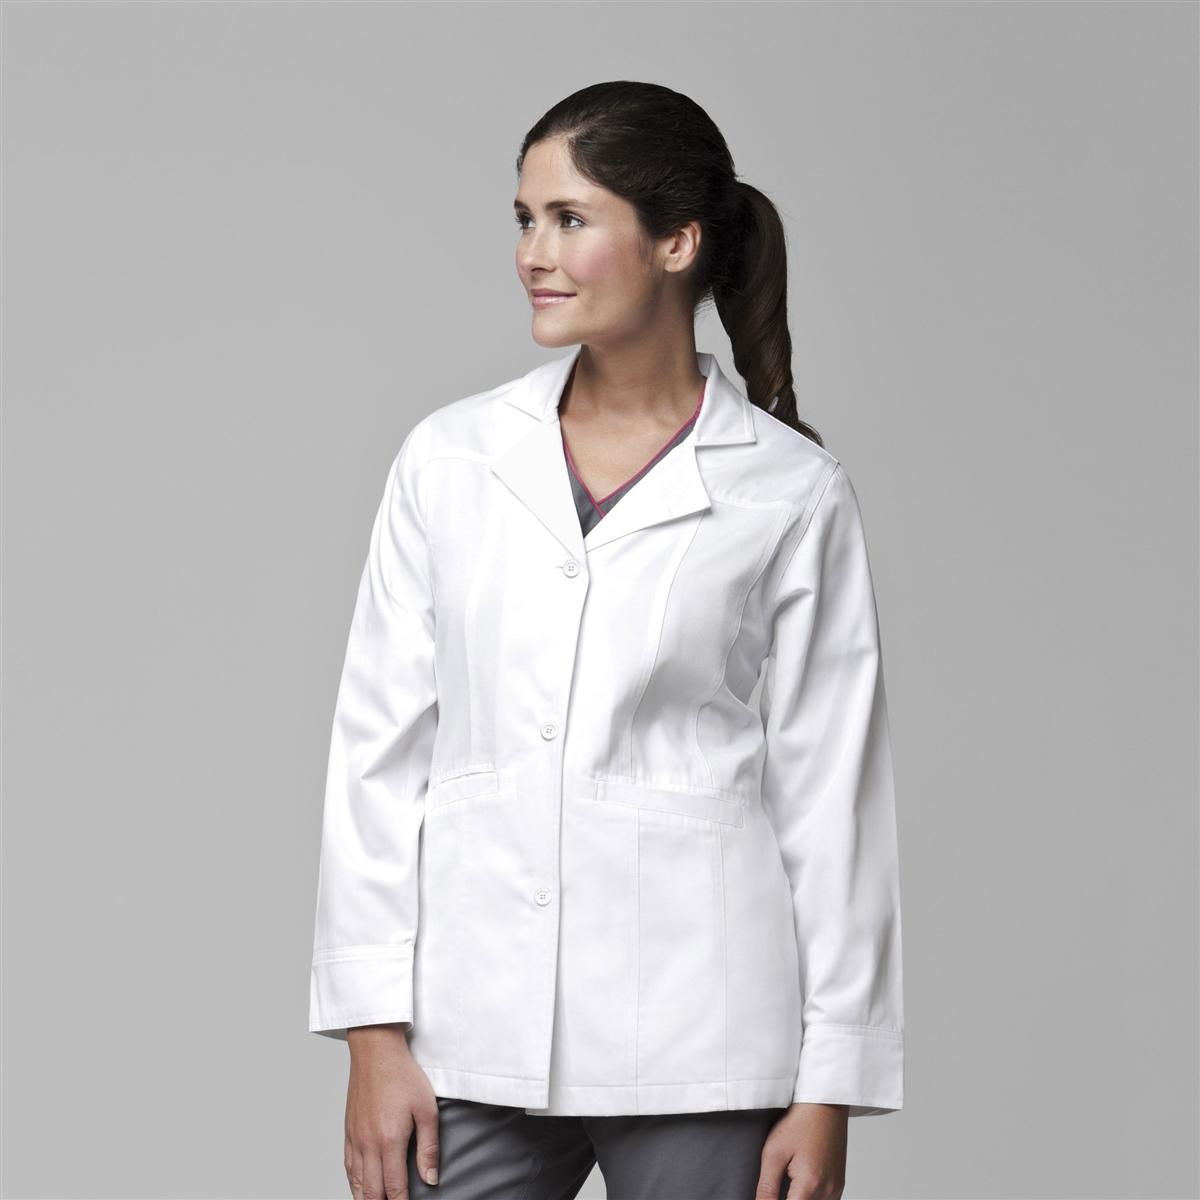 78bdddd92ec Short White Fashion Lab Coats For Women By Carhartt WonderWink